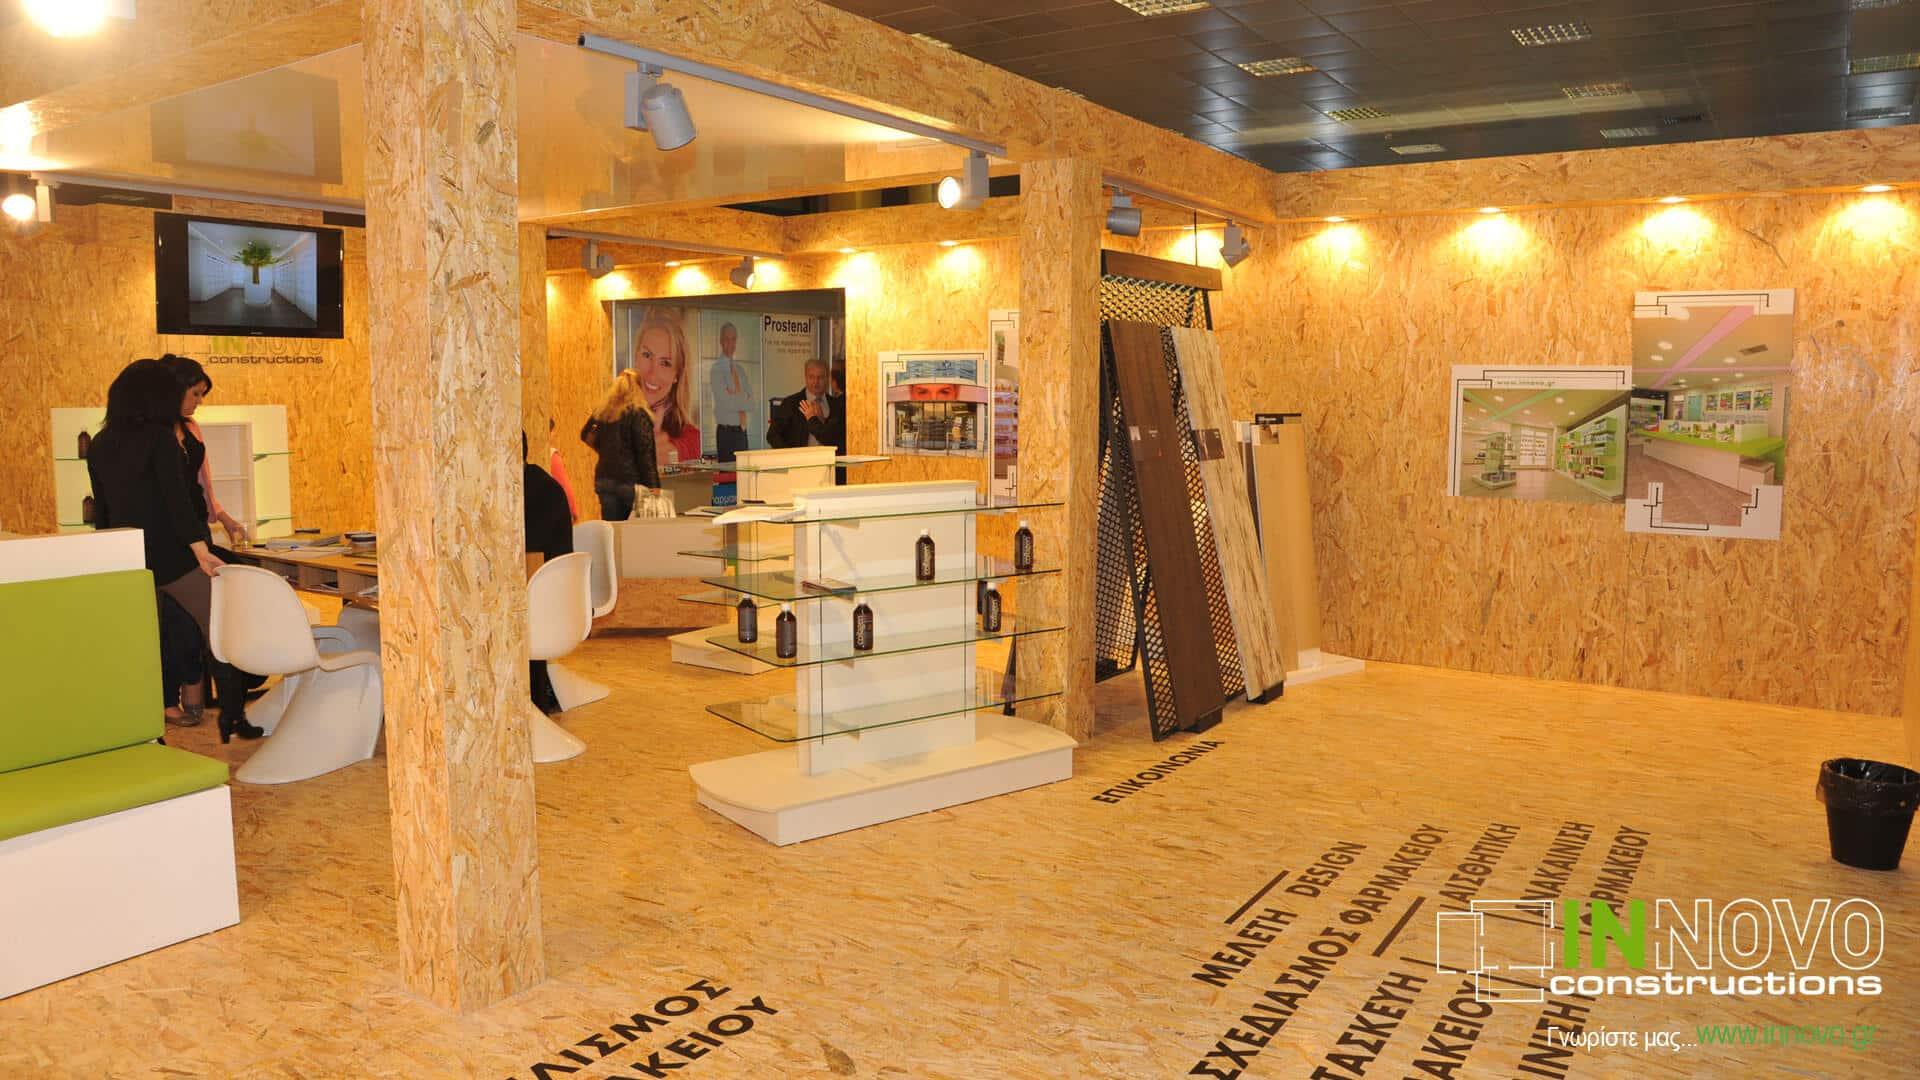 kataskevi-peripterou-exhibition-stand-construction-periptero-mas-hellaspharm2014-3-2